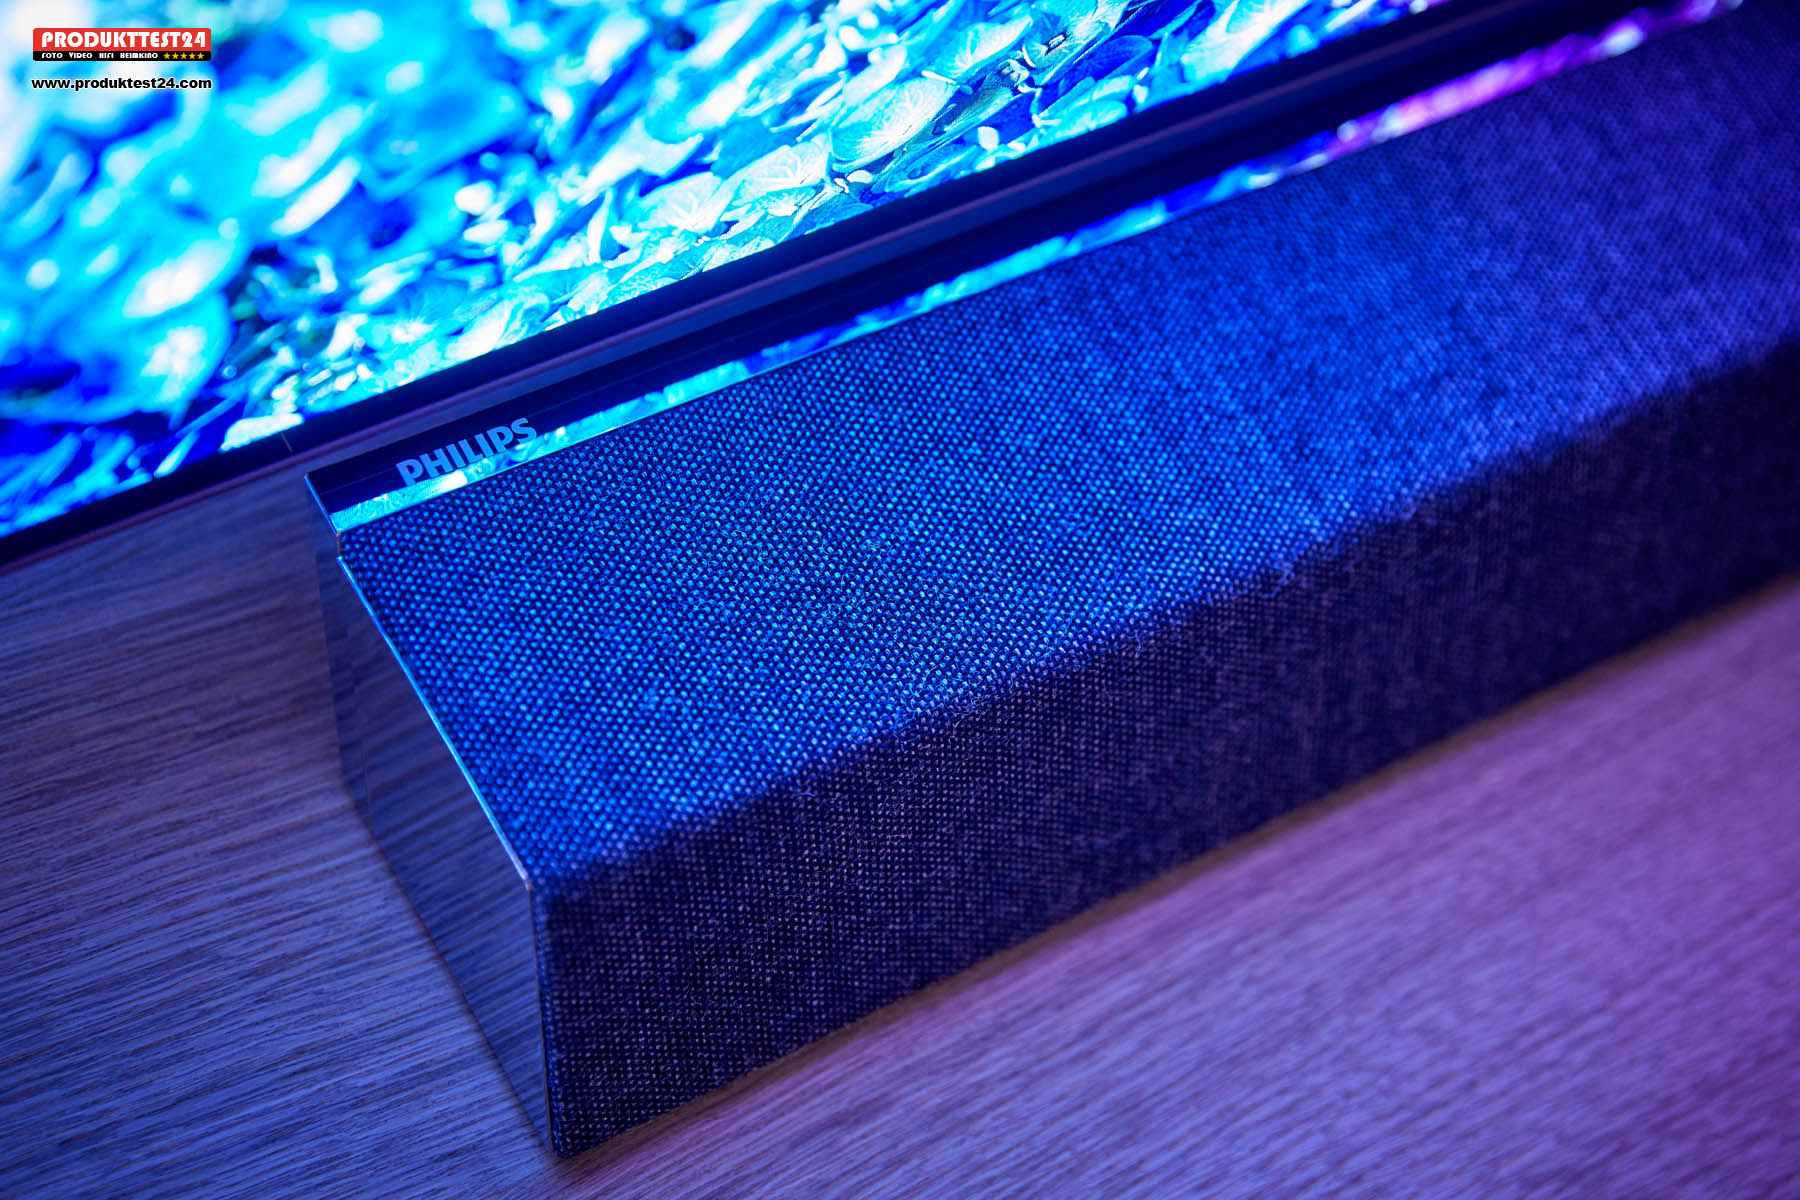 Bowers & Wilkins Soundbar mit 2.1.2 Kanäle und Dolby Atmos Unterstützung